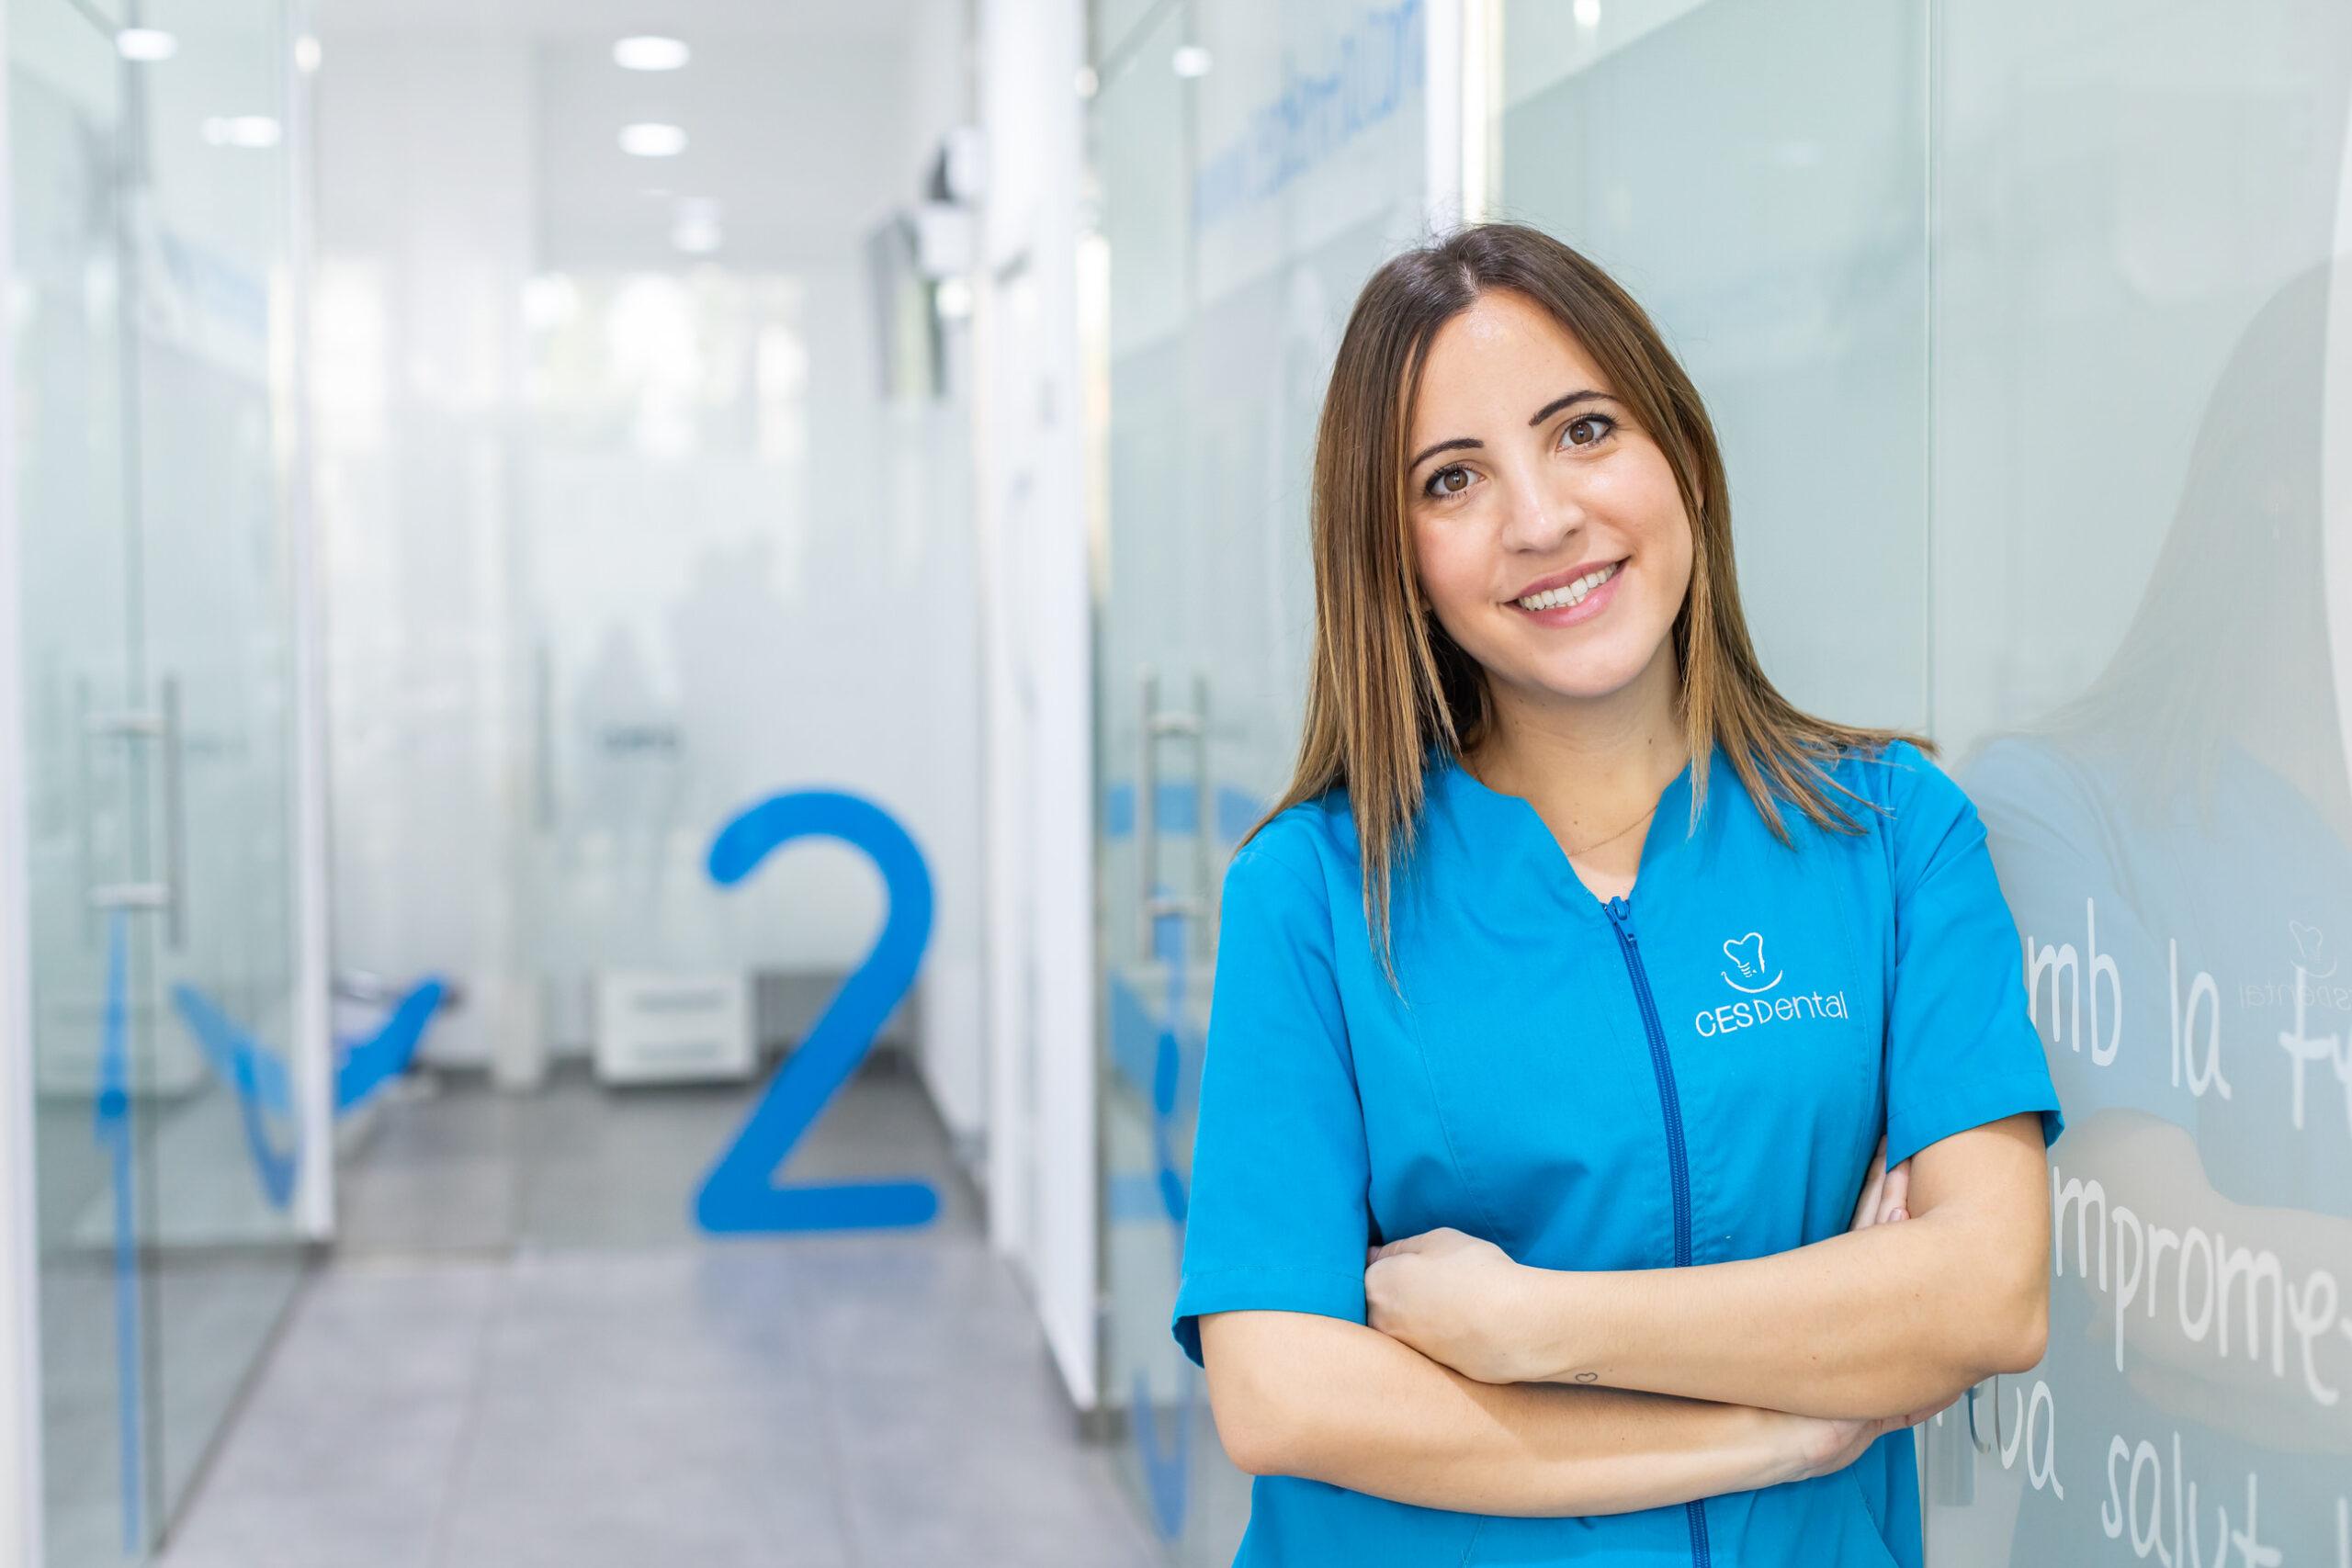 clínica dental en Godella - foto de Alicia